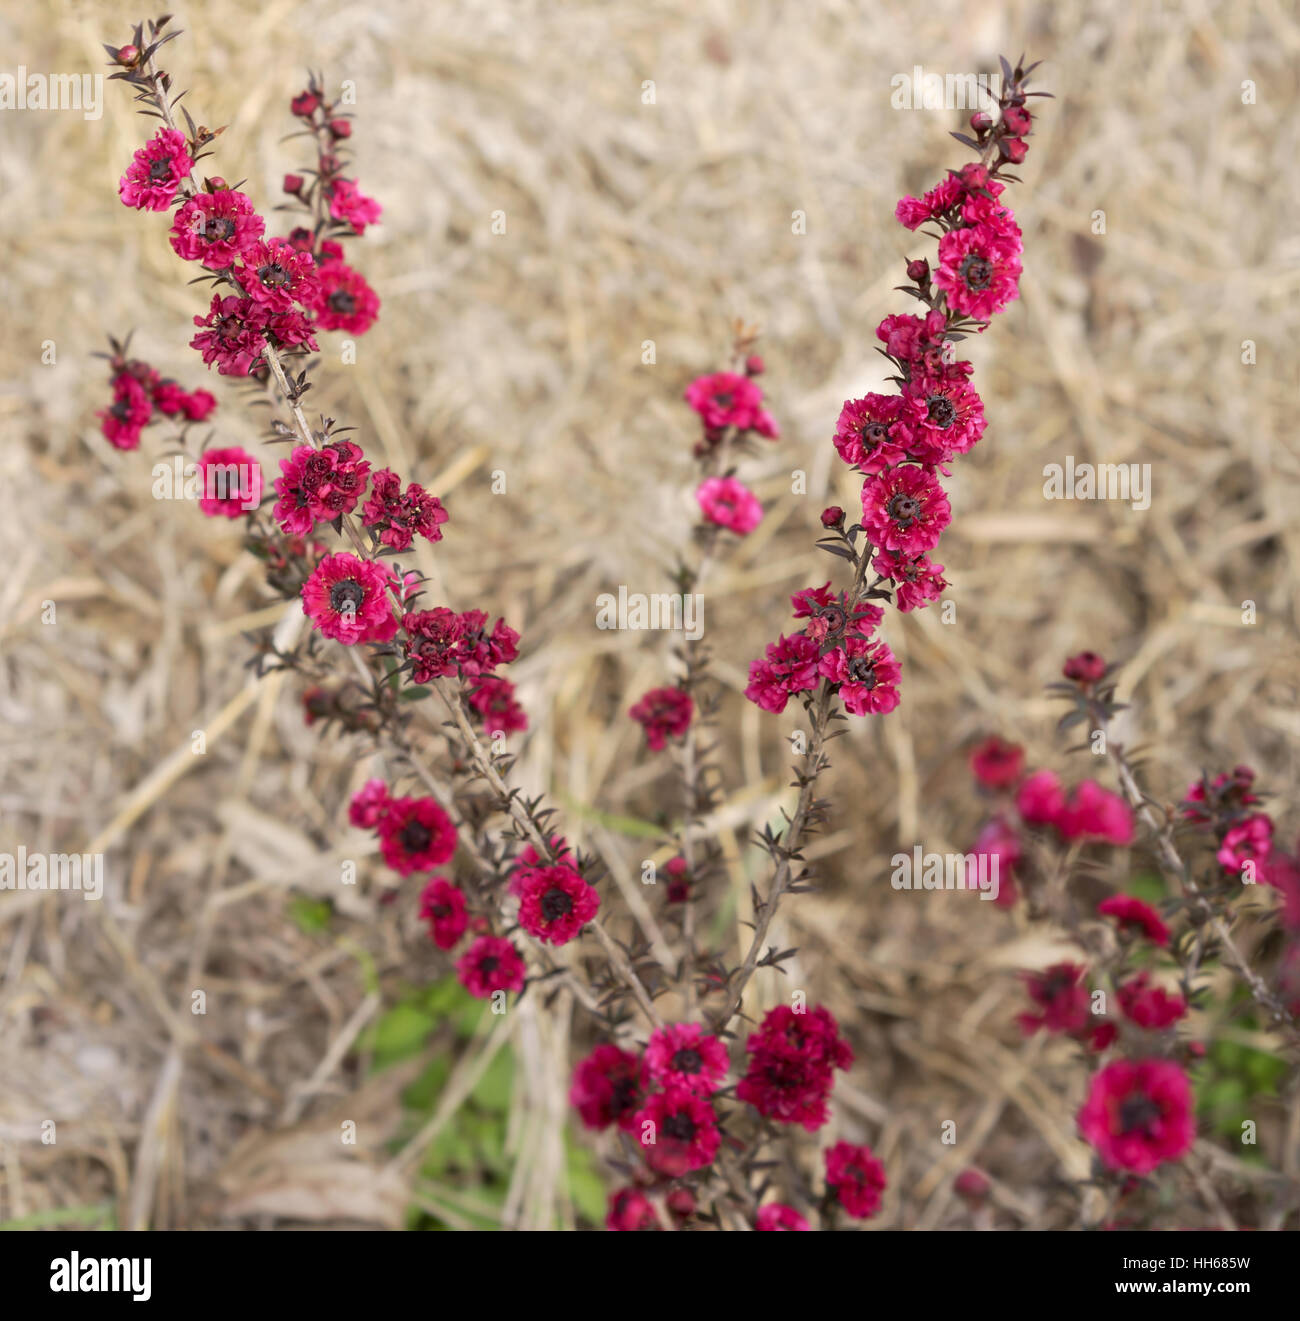 Leptospermum Scoparium Burgund Königin, rosa roten kleinen australischen einheimischen Blumen blühen im Stockbild